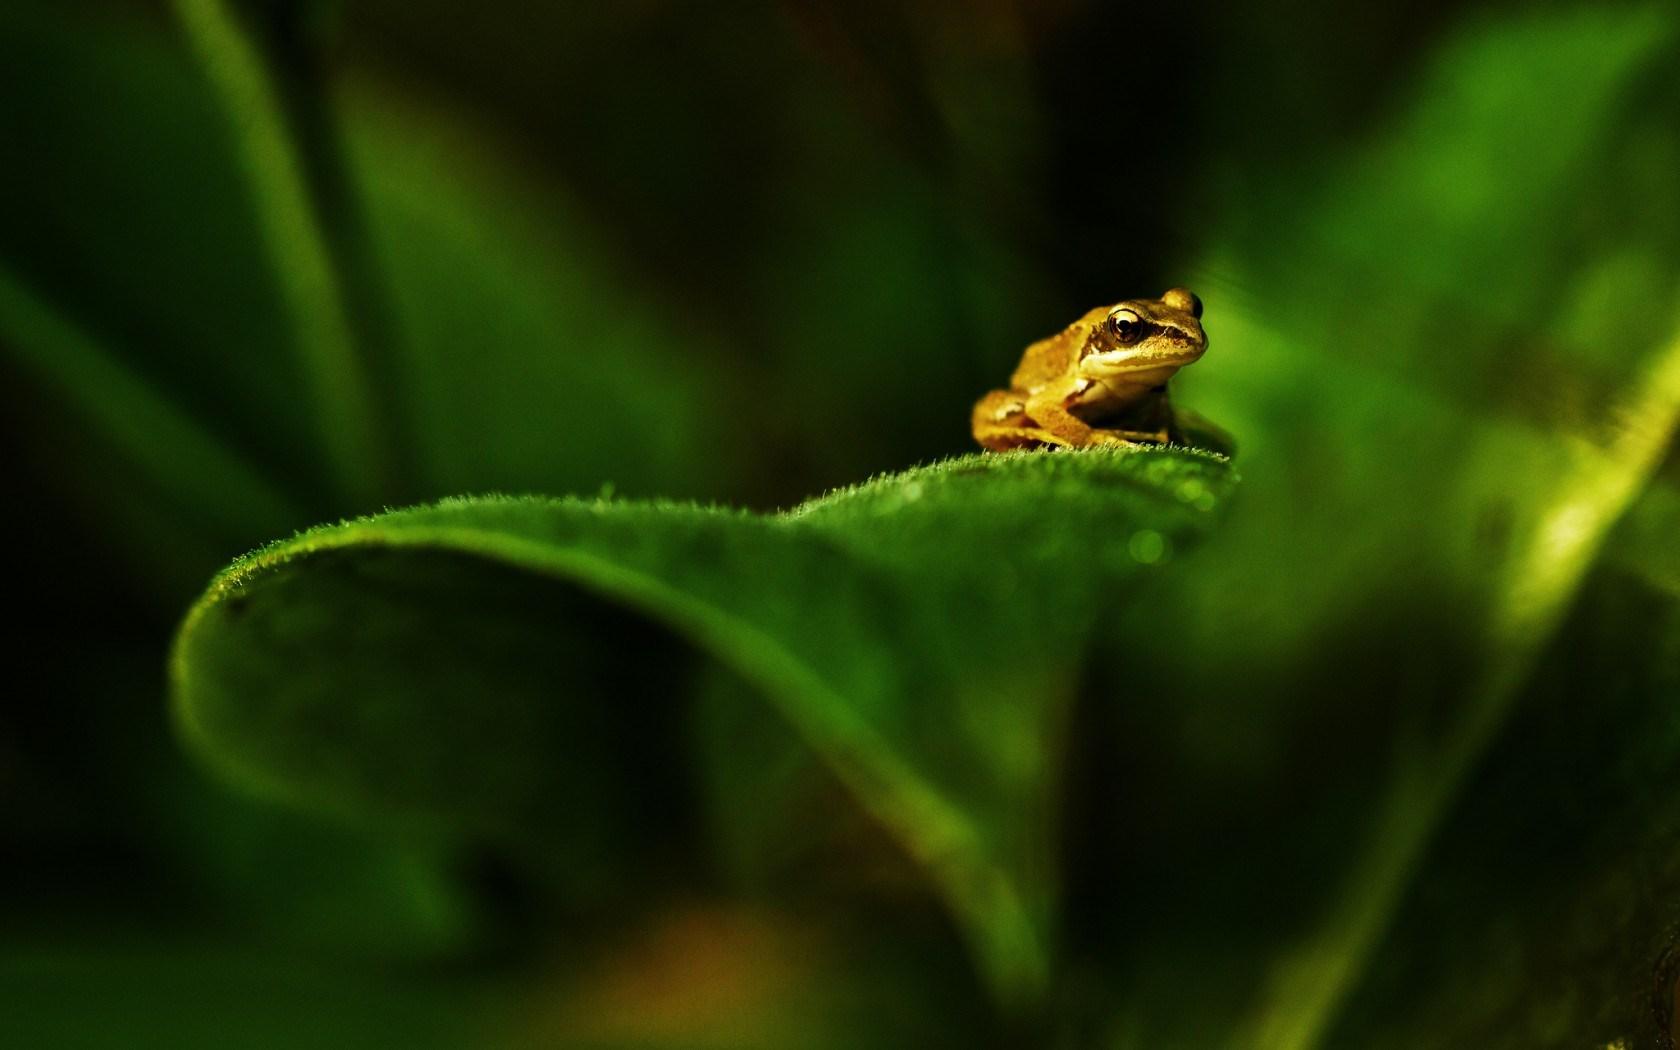 Plant Leaf Green Frog